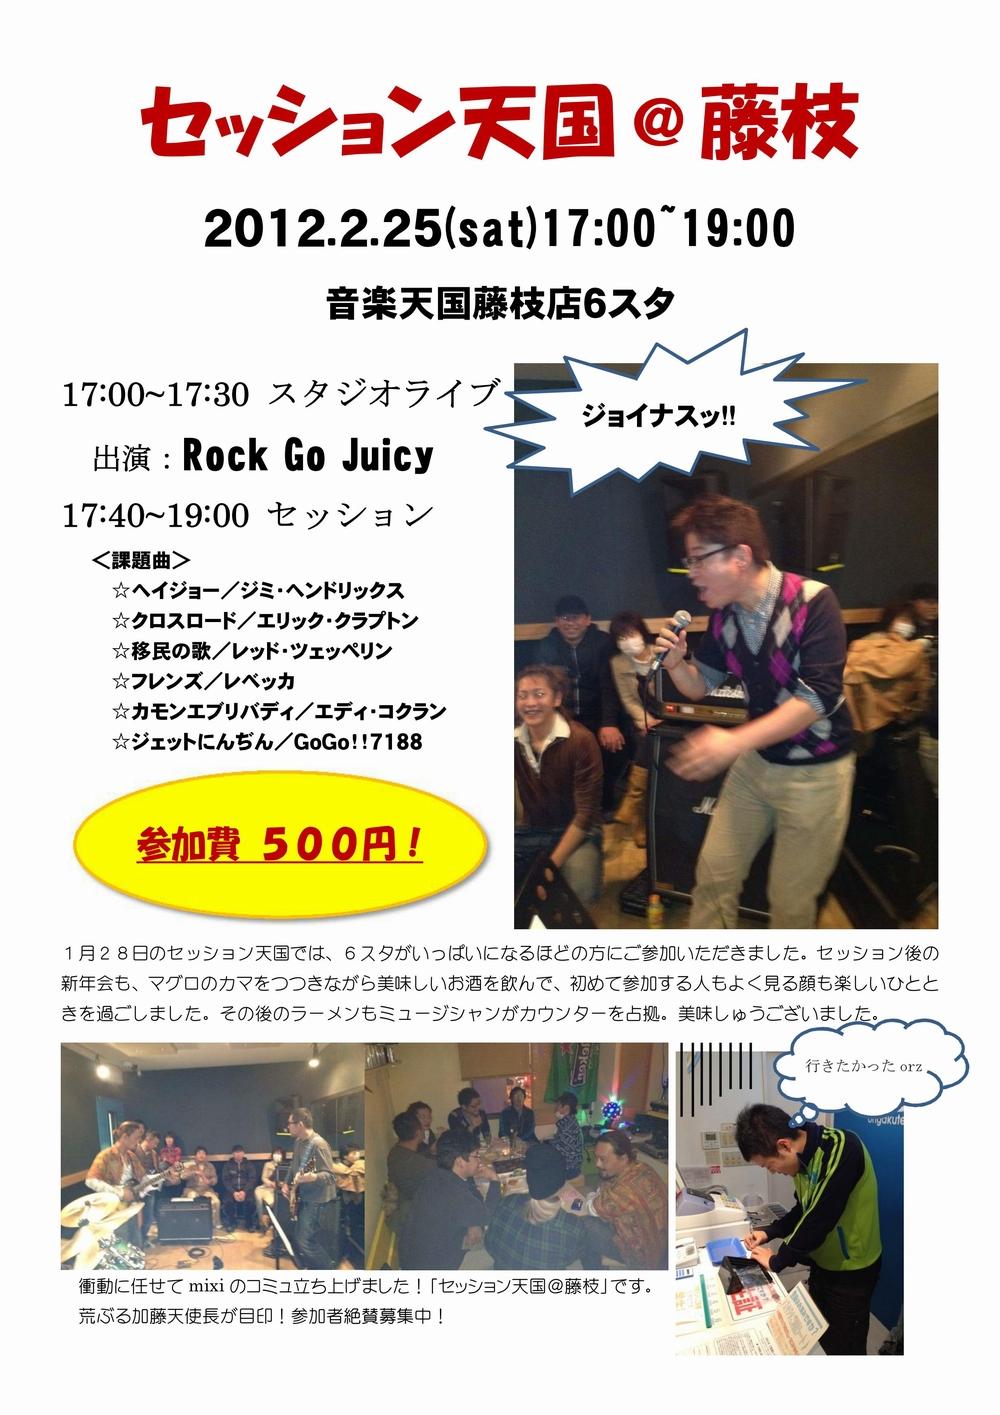 セッション天国@藤枝店2月25日(土)開催!